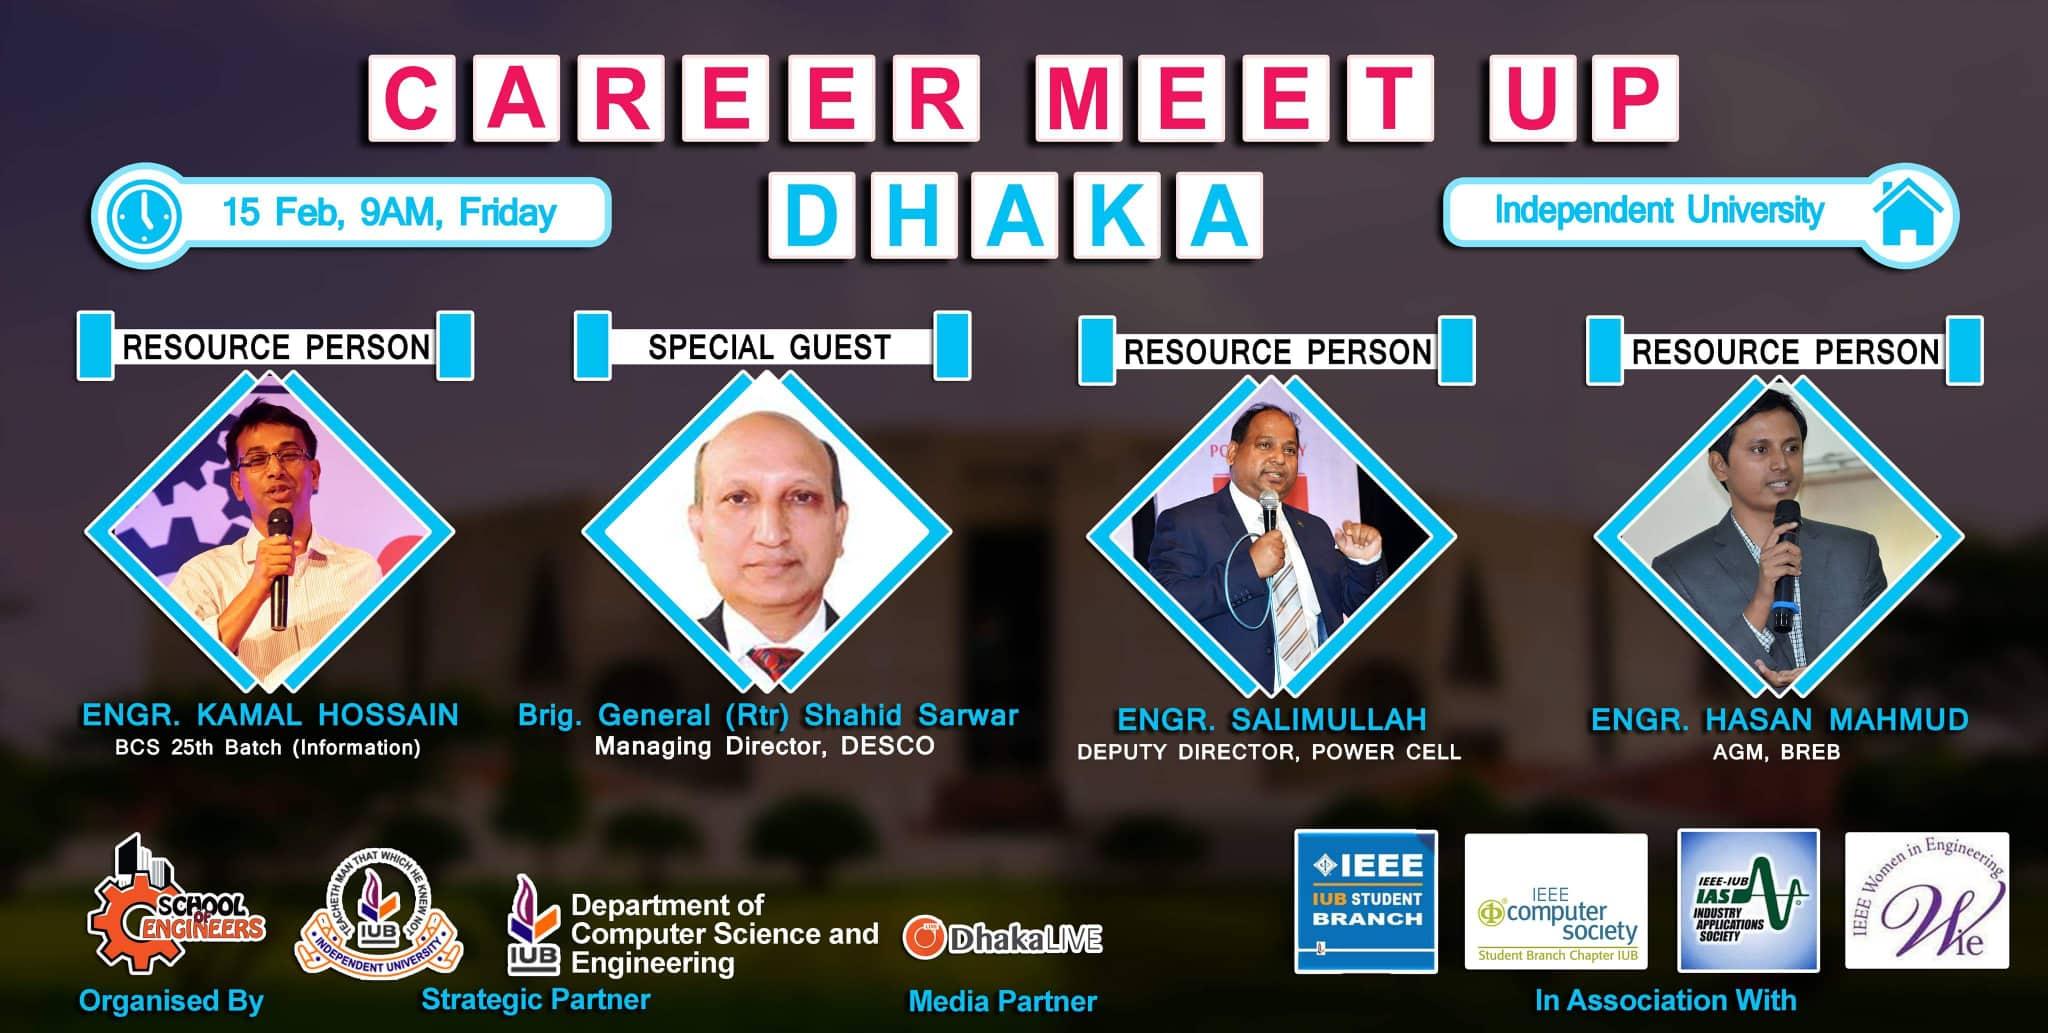 Career Met Up Dhaka